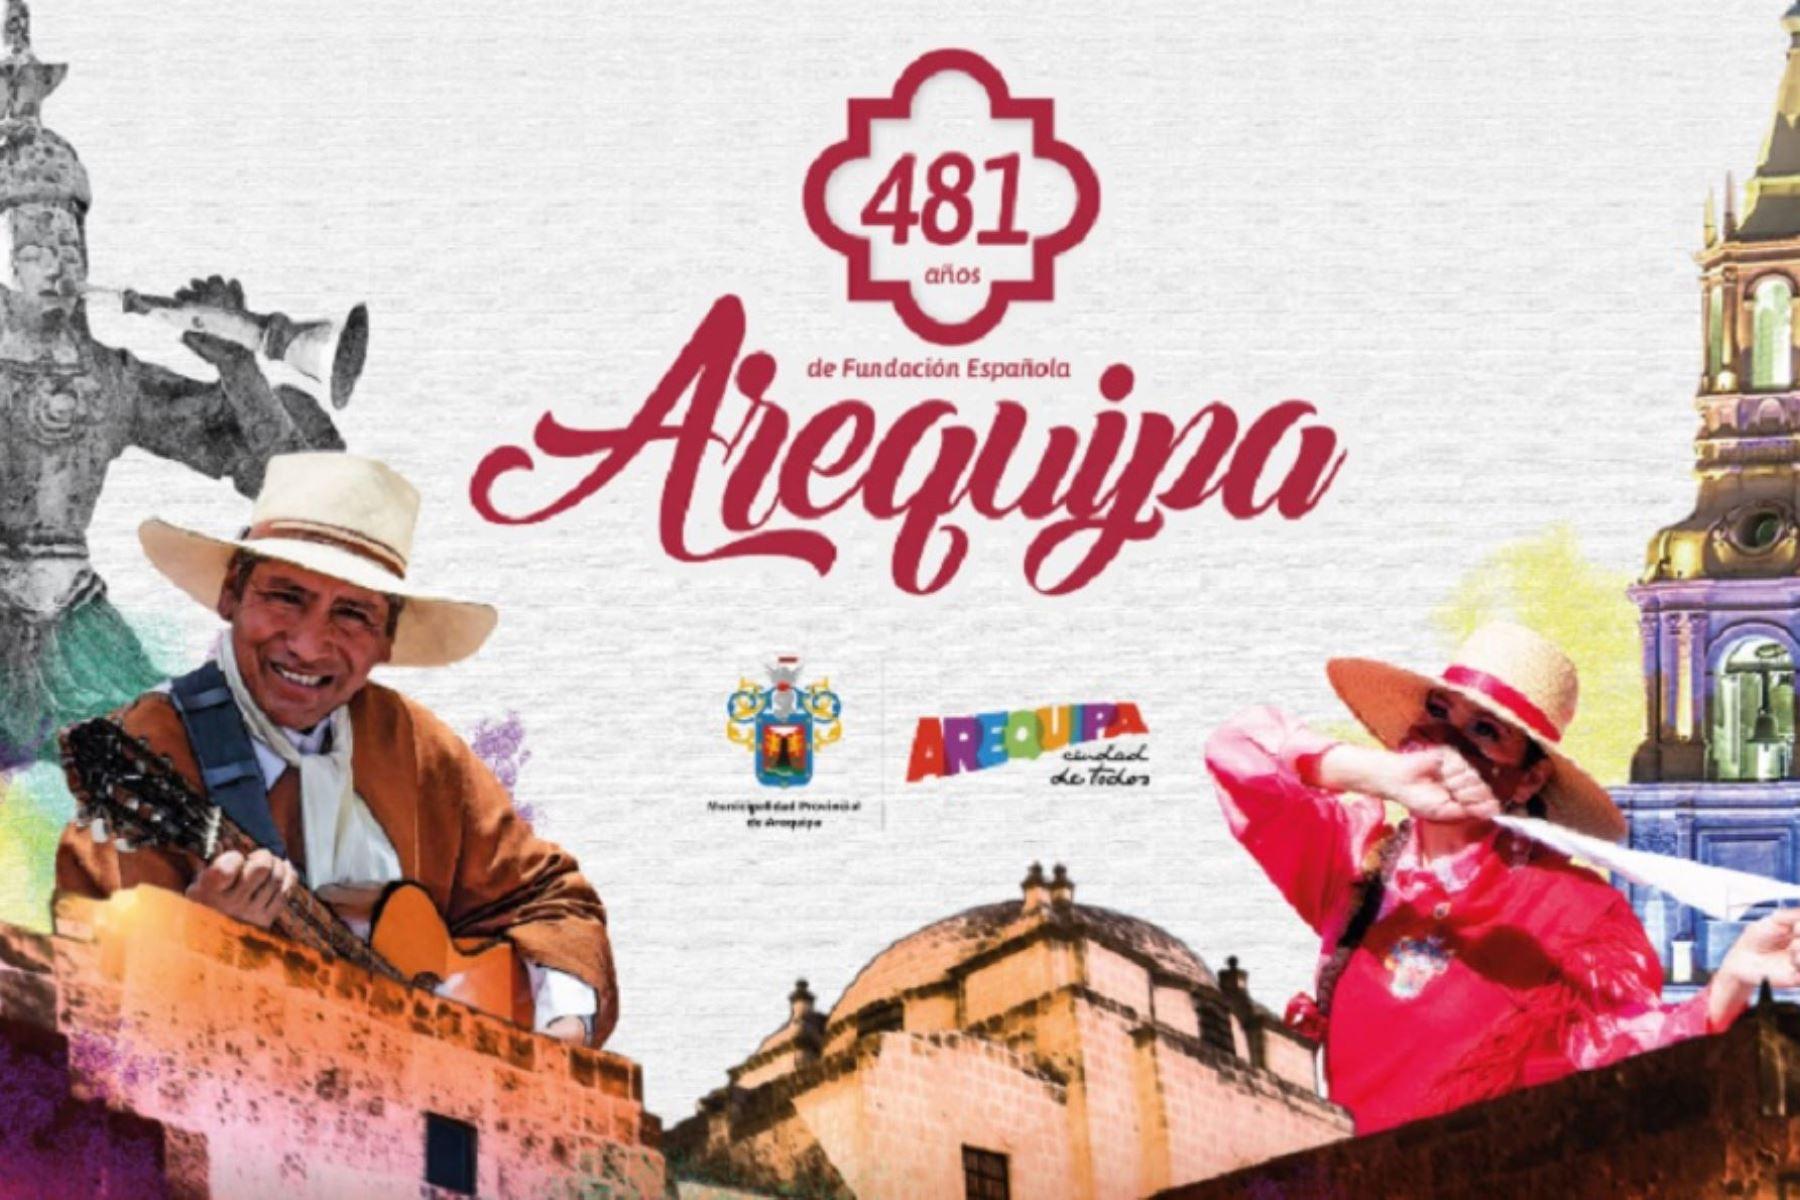 Actividades conmemorativas por el 481 aniversario de la fundación española de la ciudad de Arequipa, cuya fecha central es el 15 de agosto. Foto: Facebook Municipalidad Provincial de Arequipa